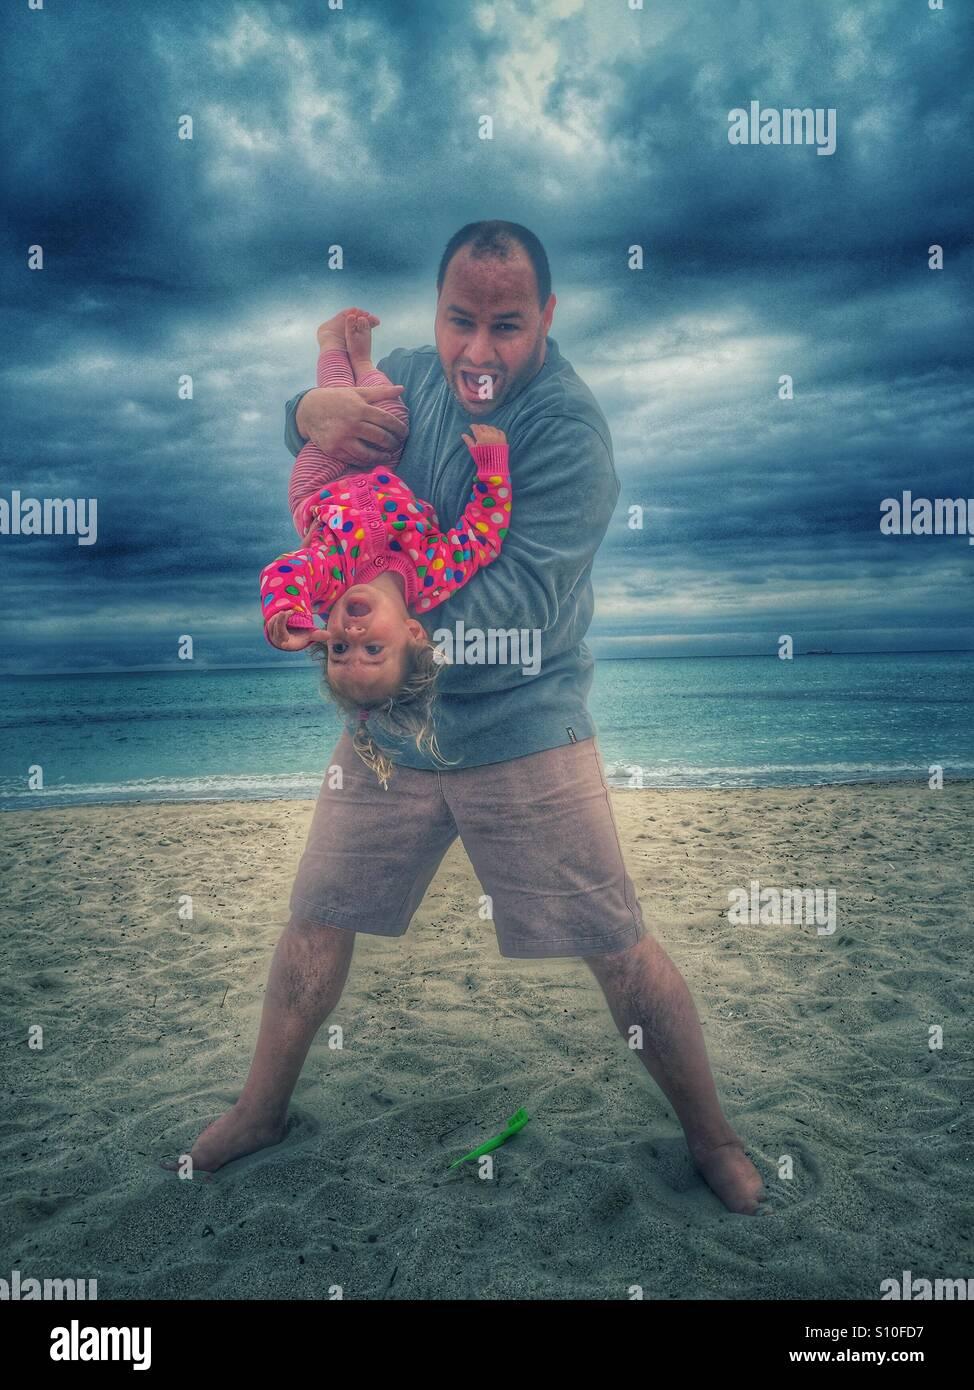 El padre y la niña jugando en la playa Imagen De Stock